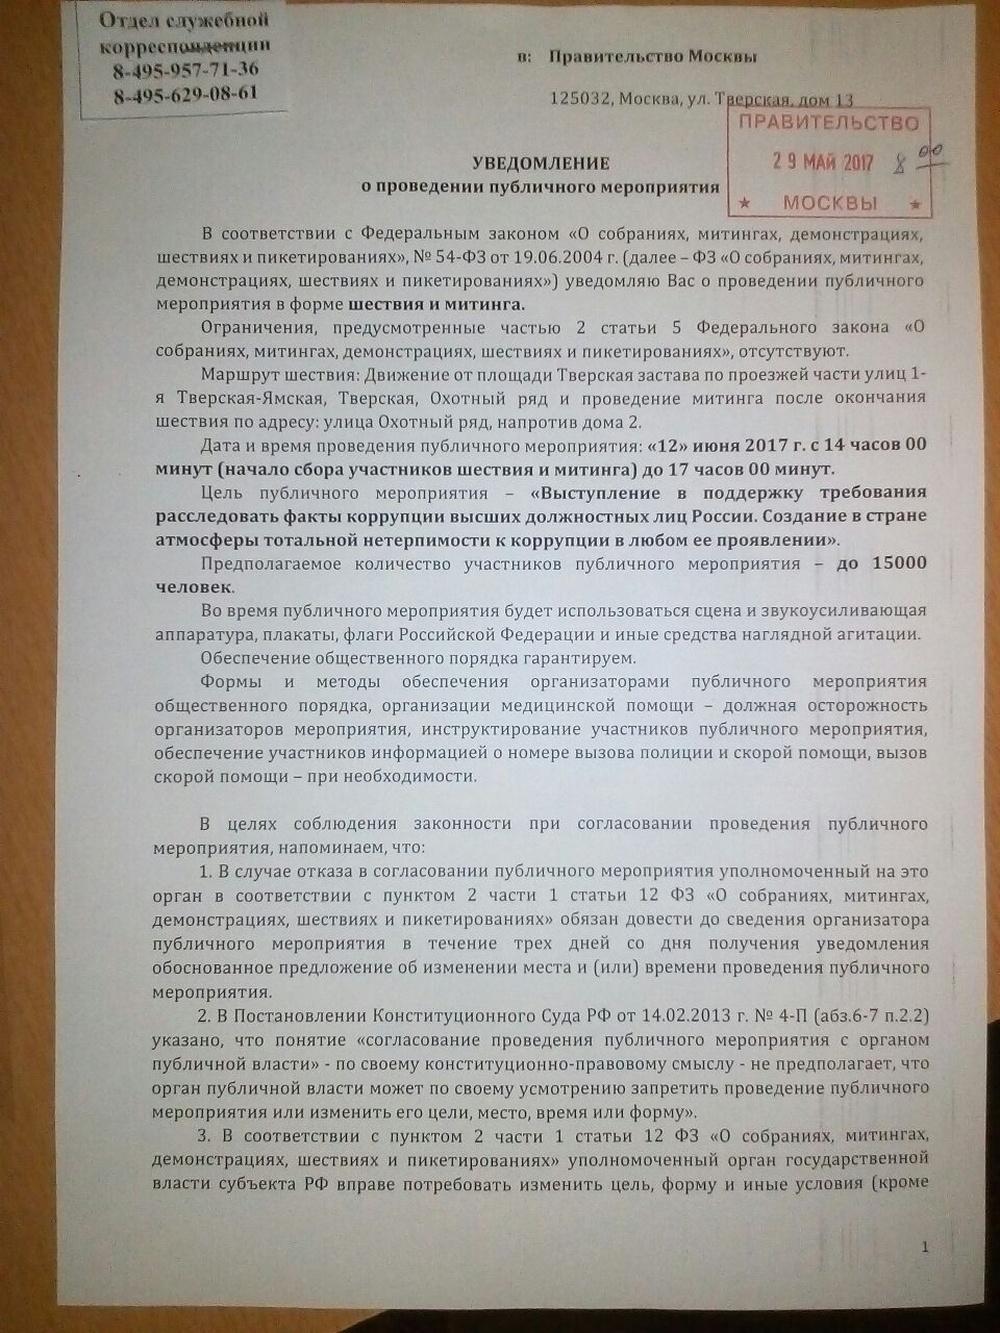 Митинг1 2 июня 2017. Уведомление (Навальный)